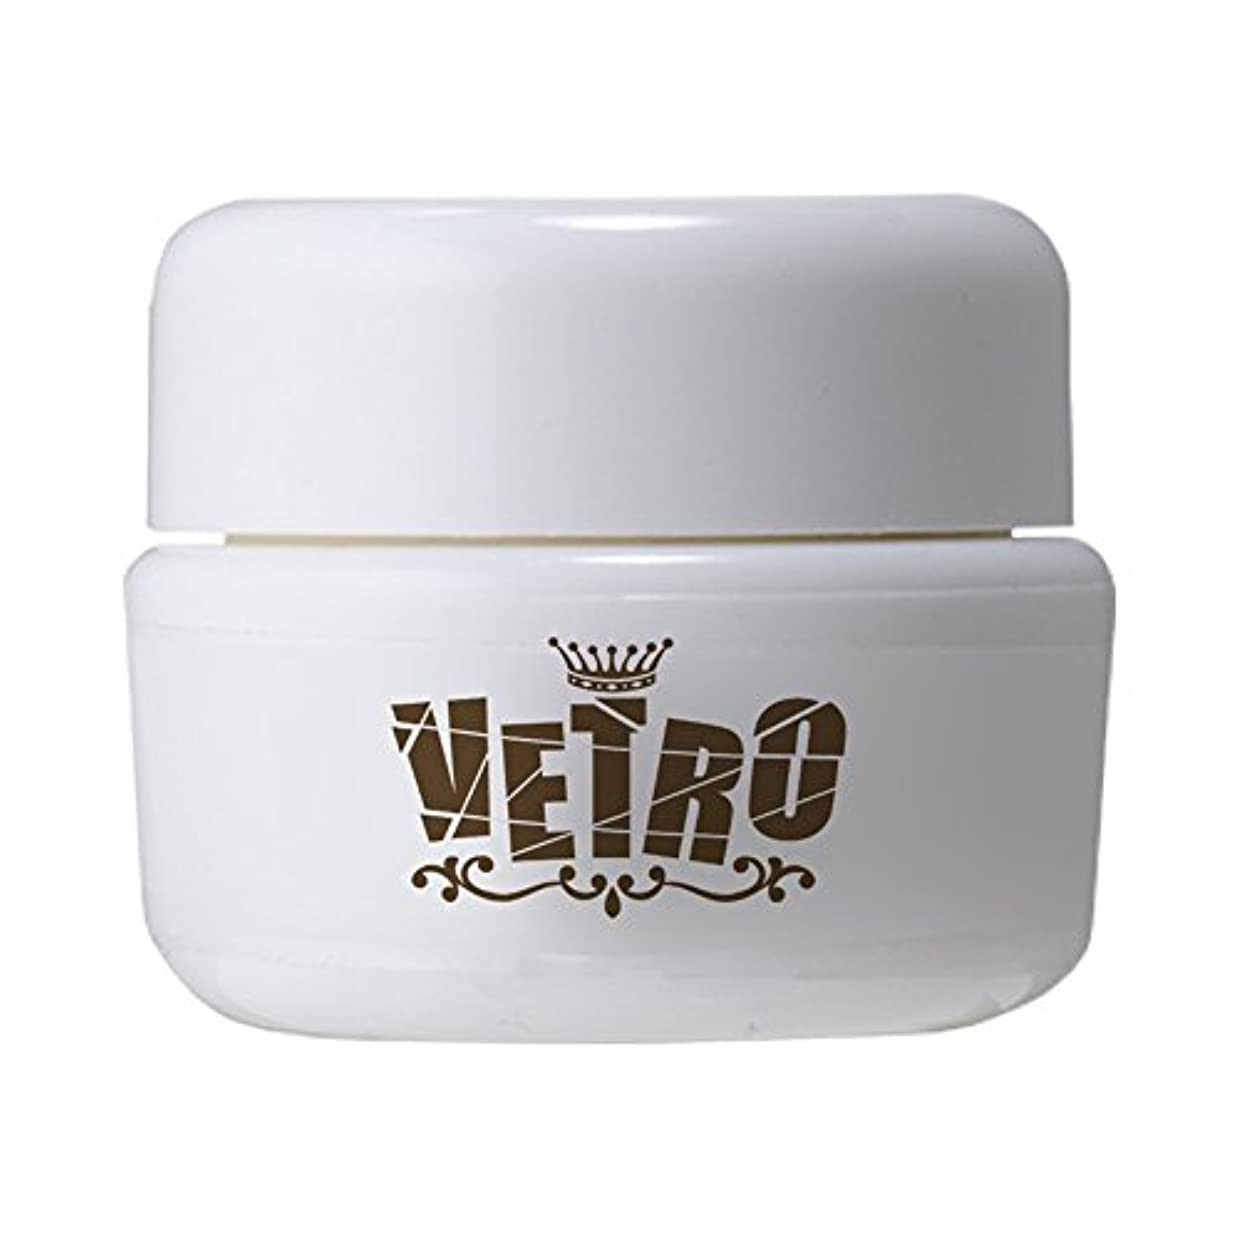 震える接ぎ木傑作VETRO カラージェル VL340 ファーストレディ 4ml UV/LED対応 ソークオフジェル シアー クリアピンク